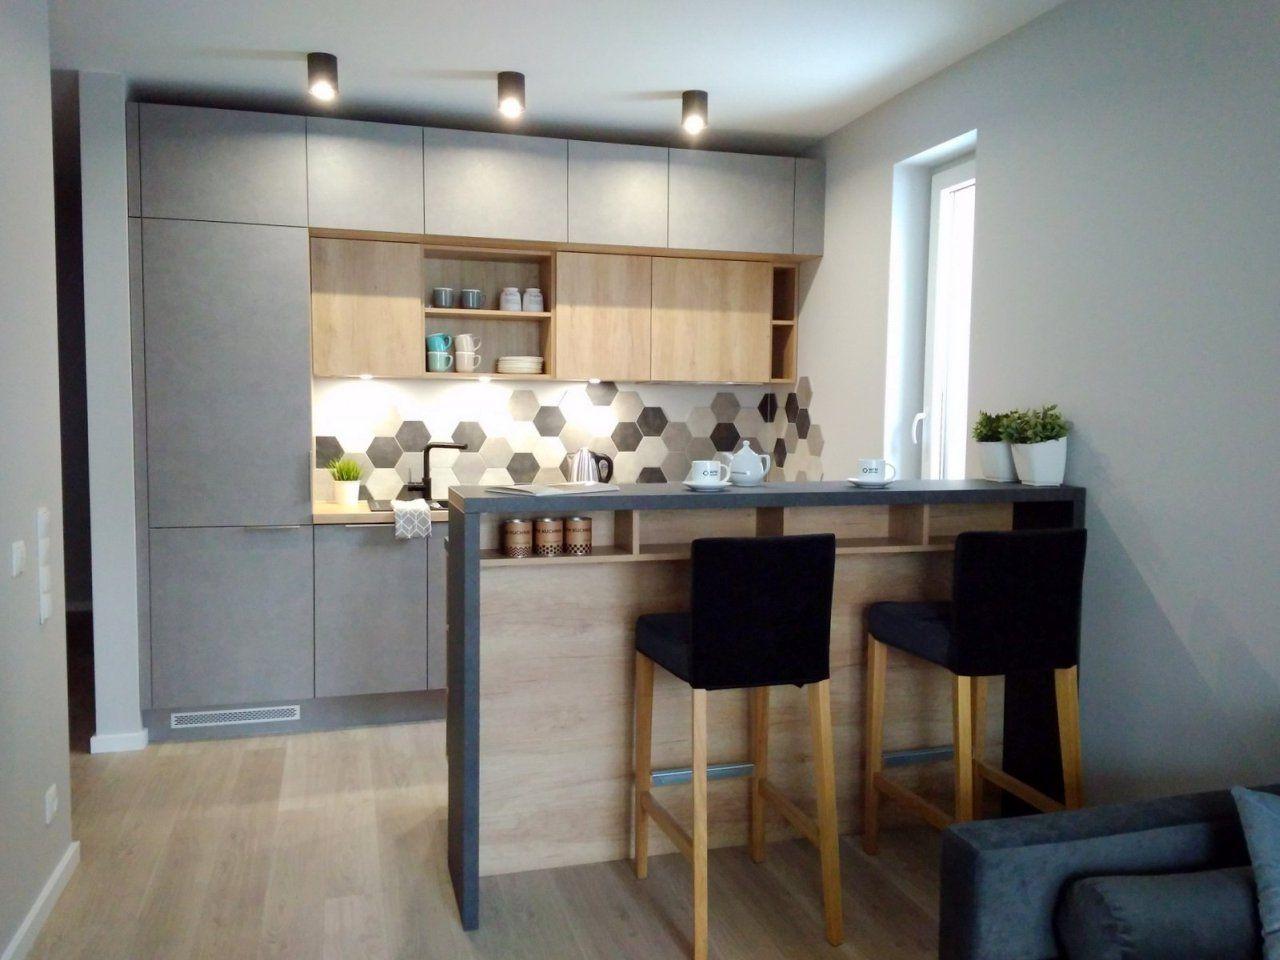 Nowoczesna Kuchnia Wfm Z Programu Punto Dab Nebraska P45f Gray Clystone P96f Kitchen Design Home Decor Decor